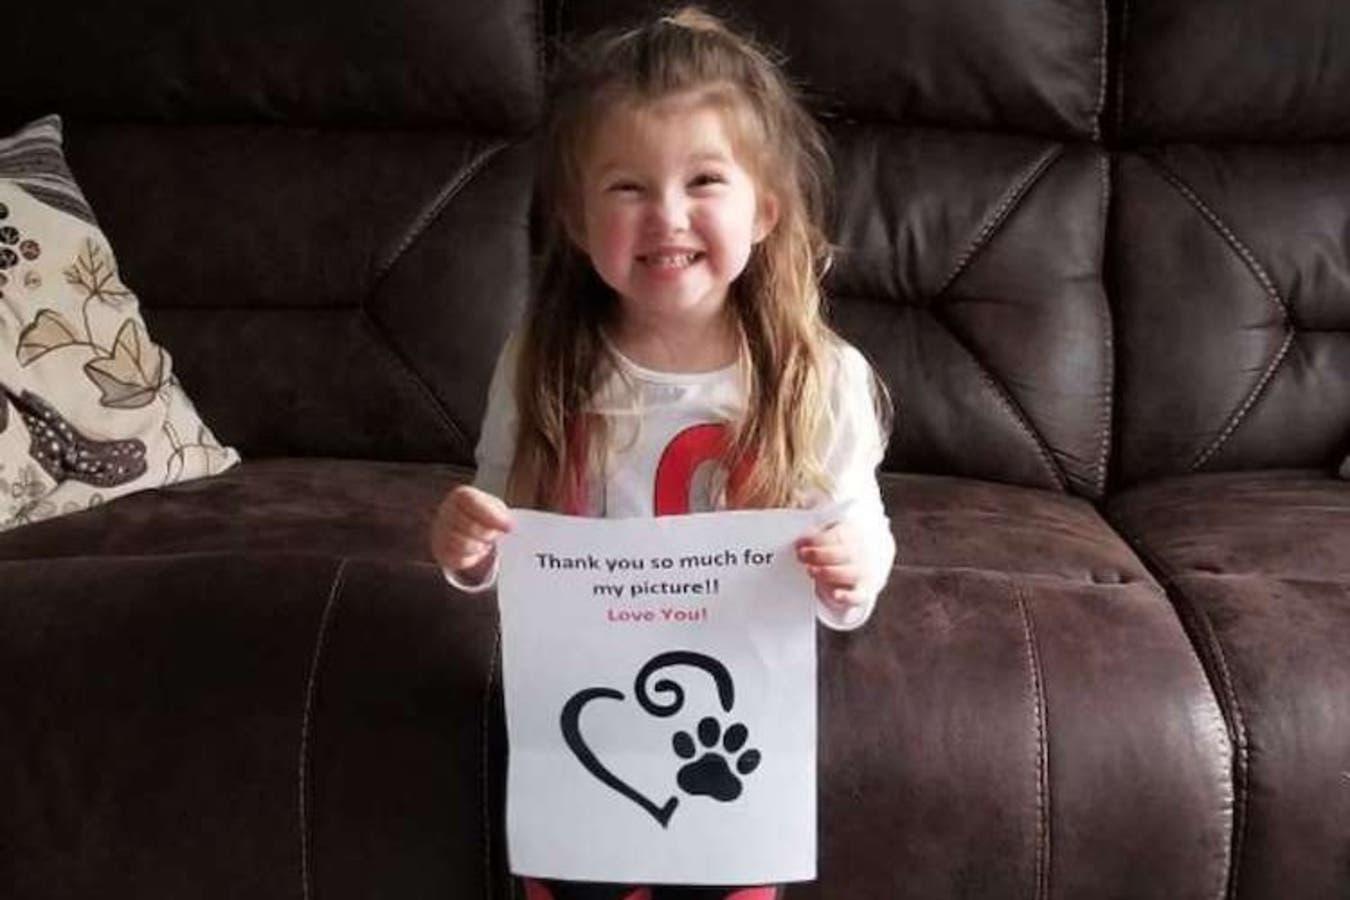 Gracias al trabajo de un comprometido cartero, la niña recibió una respuesta